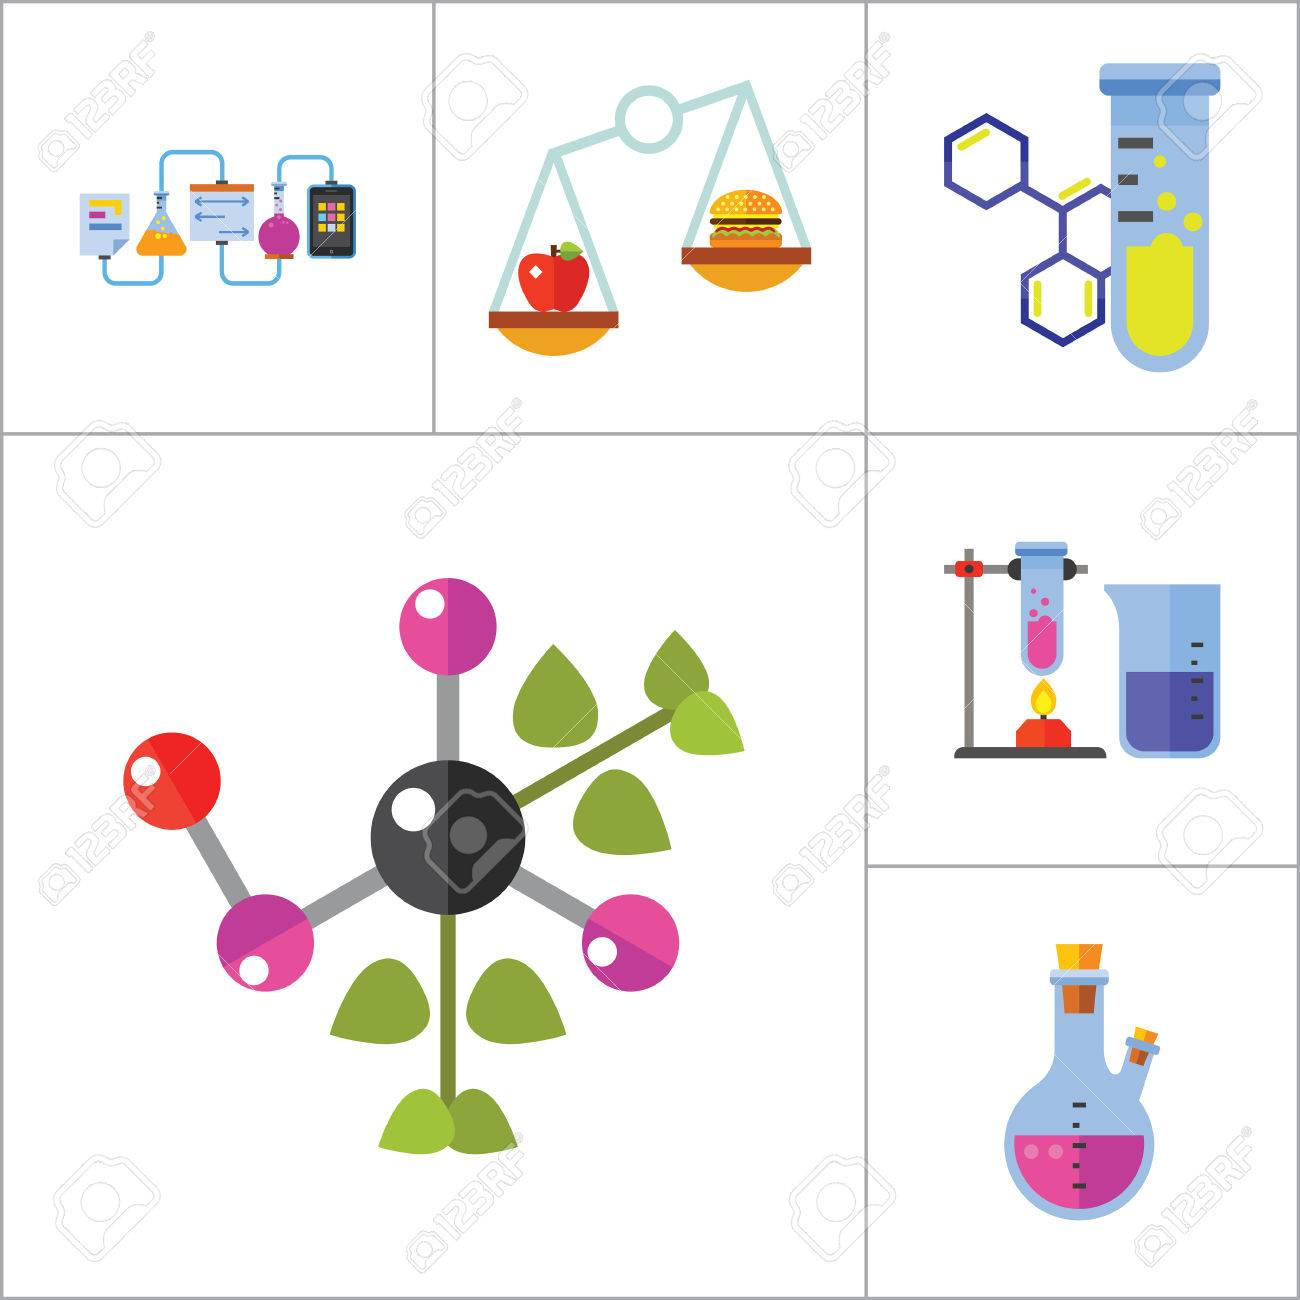 Icono De La Biología Set Estructura Celular Frasco De La Prueba De Tubo Productos En Escalas De Calefacción Del Tubo De Ensayo Del Genoma Humano De